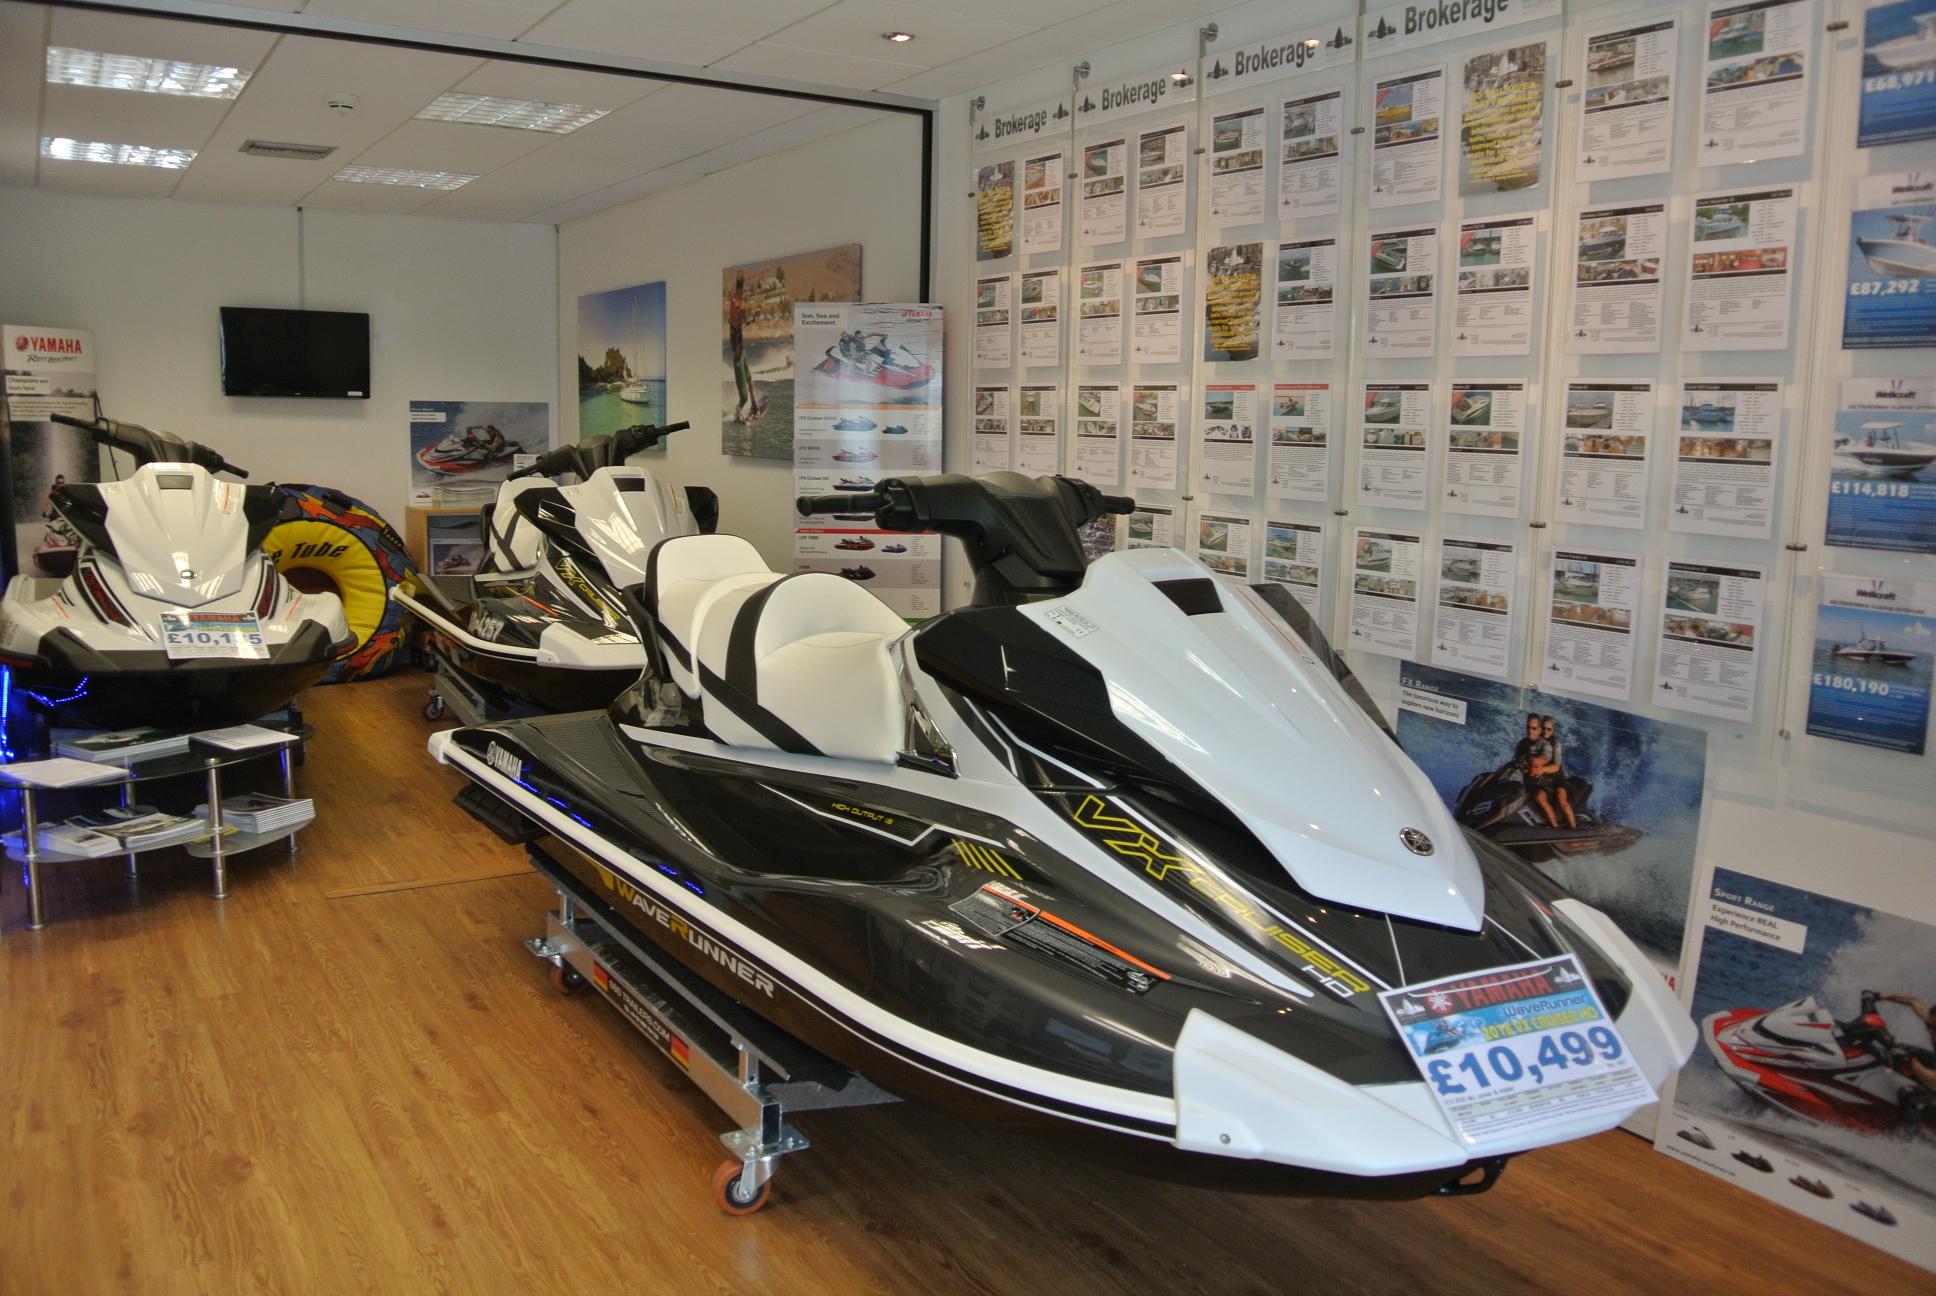 Brighton Boat Sales - Jet Ski